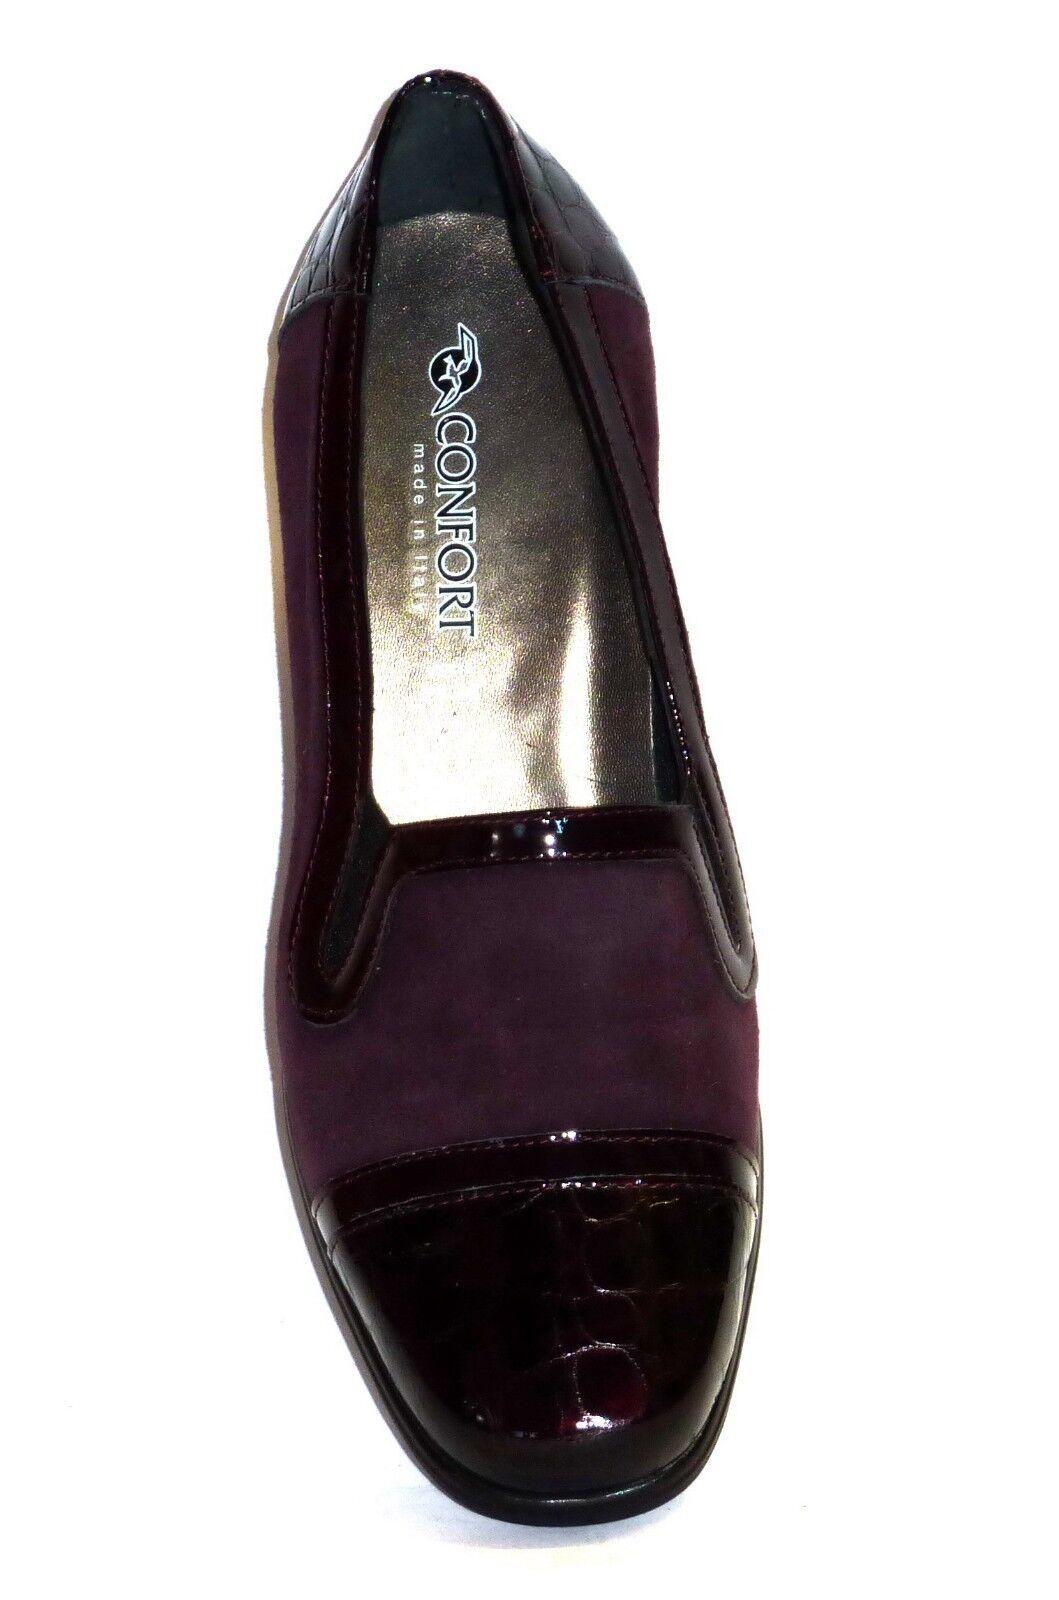 Schuhe Damens CONFORT IN VERNICE VERNICE VERNICE COCCO E NABUK BORDO' CALDO INVERNO MORBIDE n. 36 0bf6c0